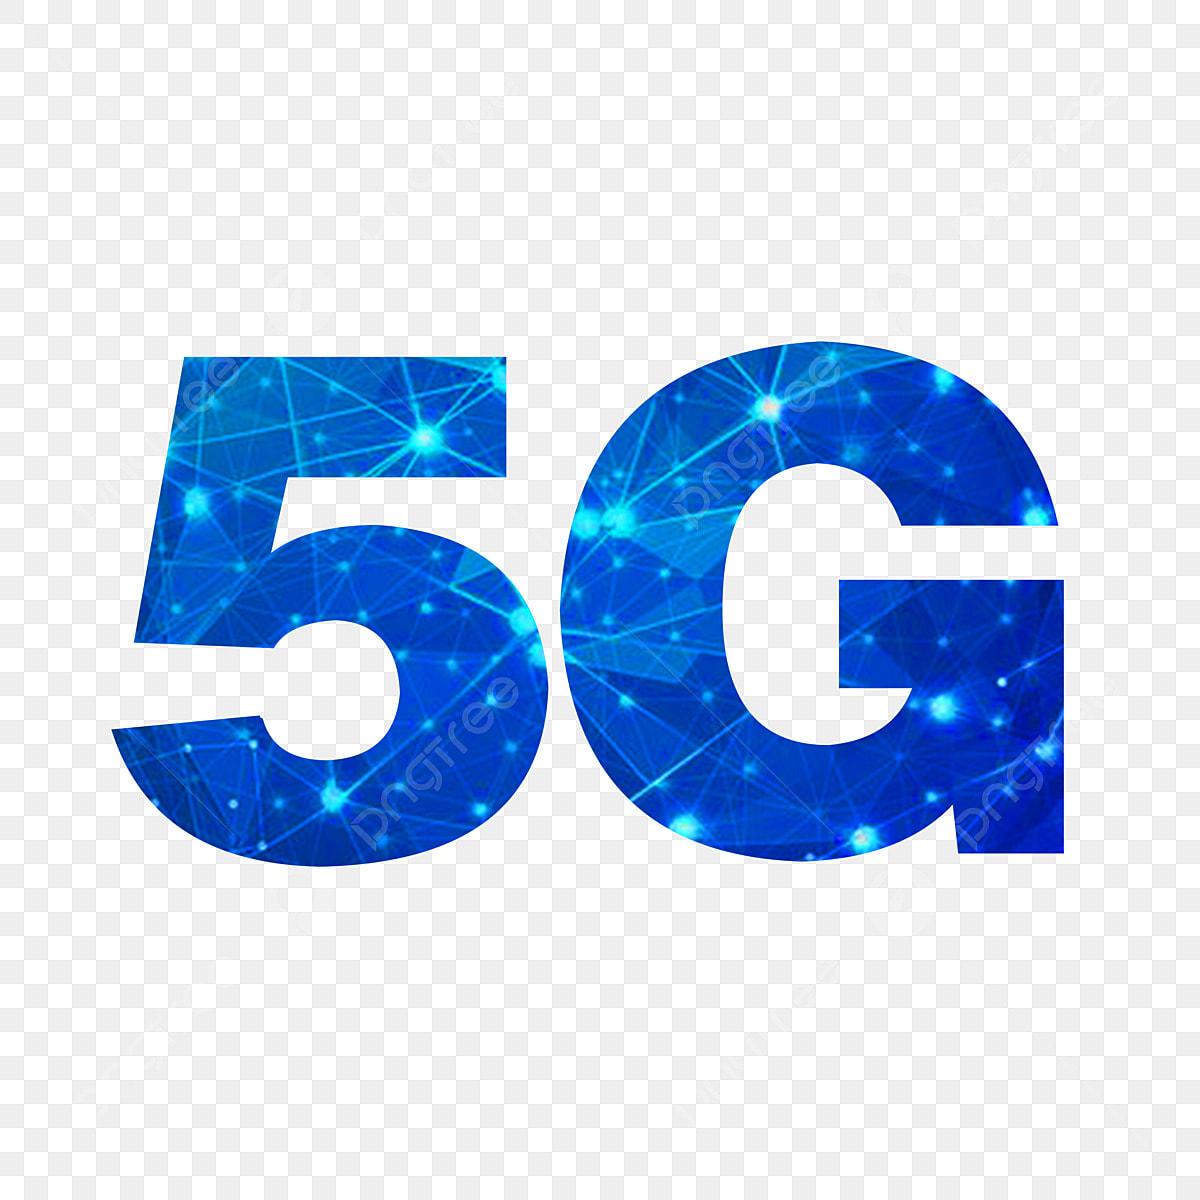 5g Tecnologia Sentido Fonte Png Material Grátis, 5g, Tecnologia, Azul Imagem PNG e PSD Para Download Gratuito